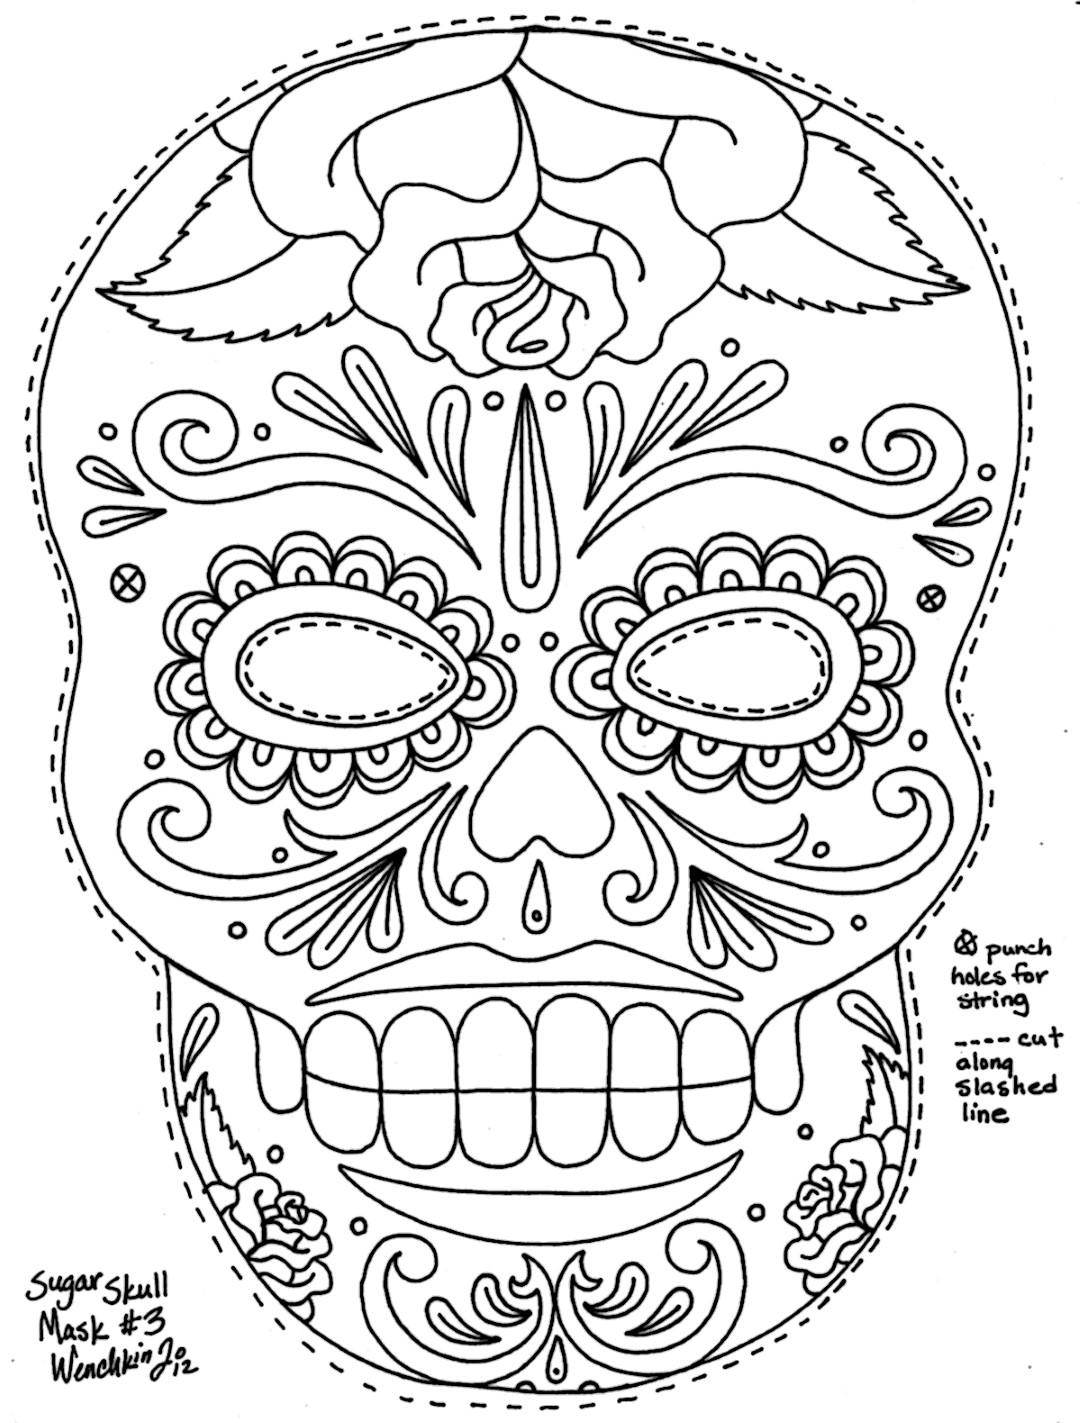 Sugar Skull Printable Mask to Color